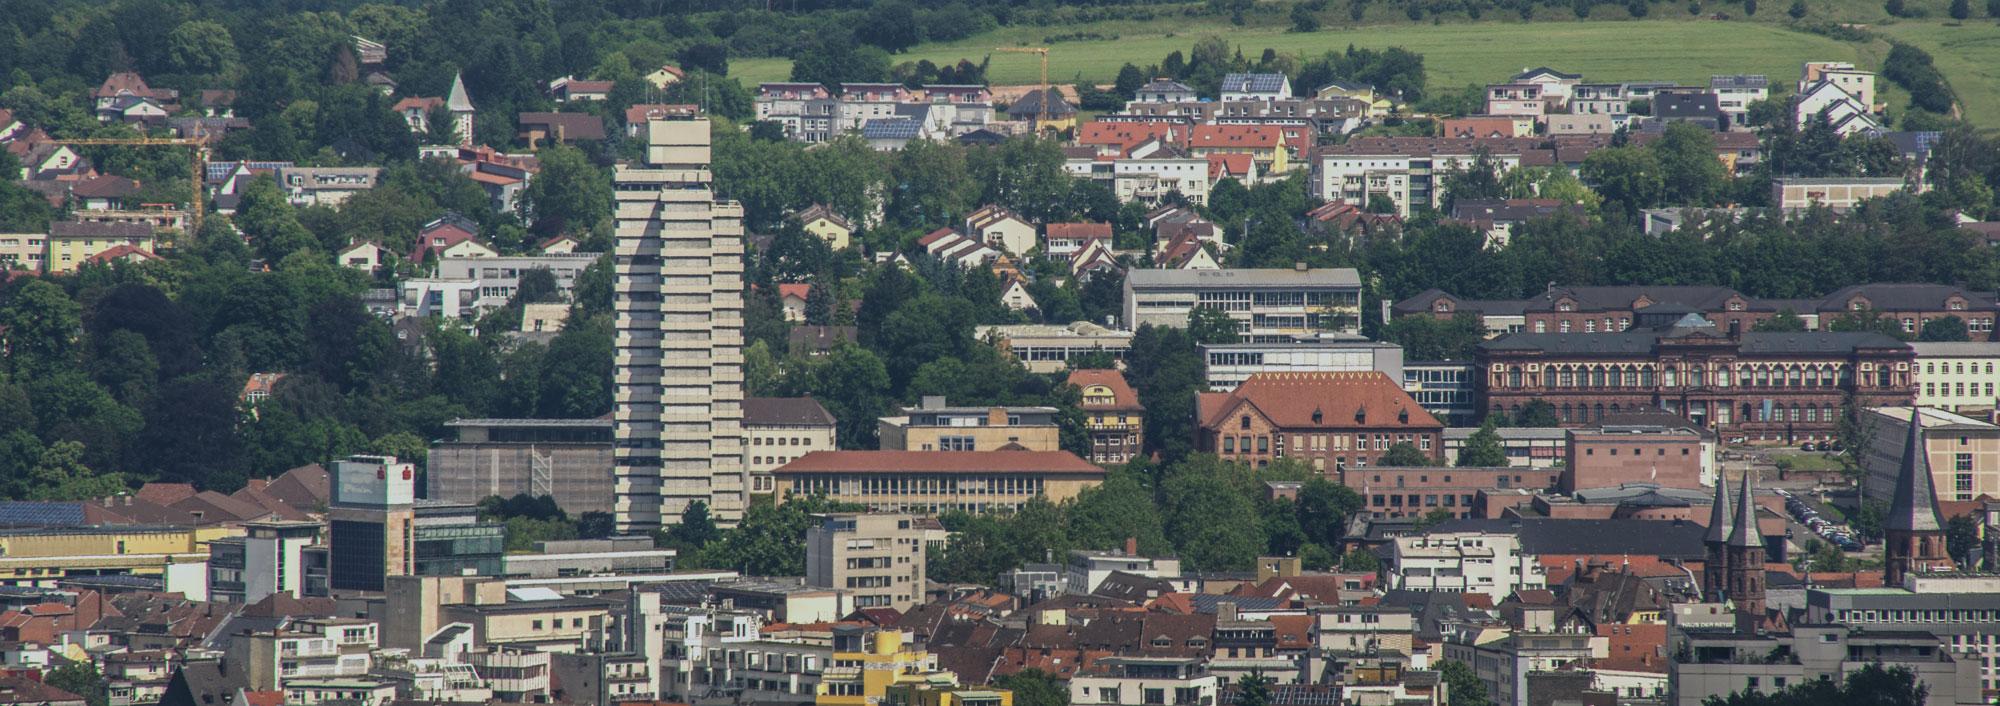 Freizeitmöglichkeiten in Kaiserslautern und der Umgebung